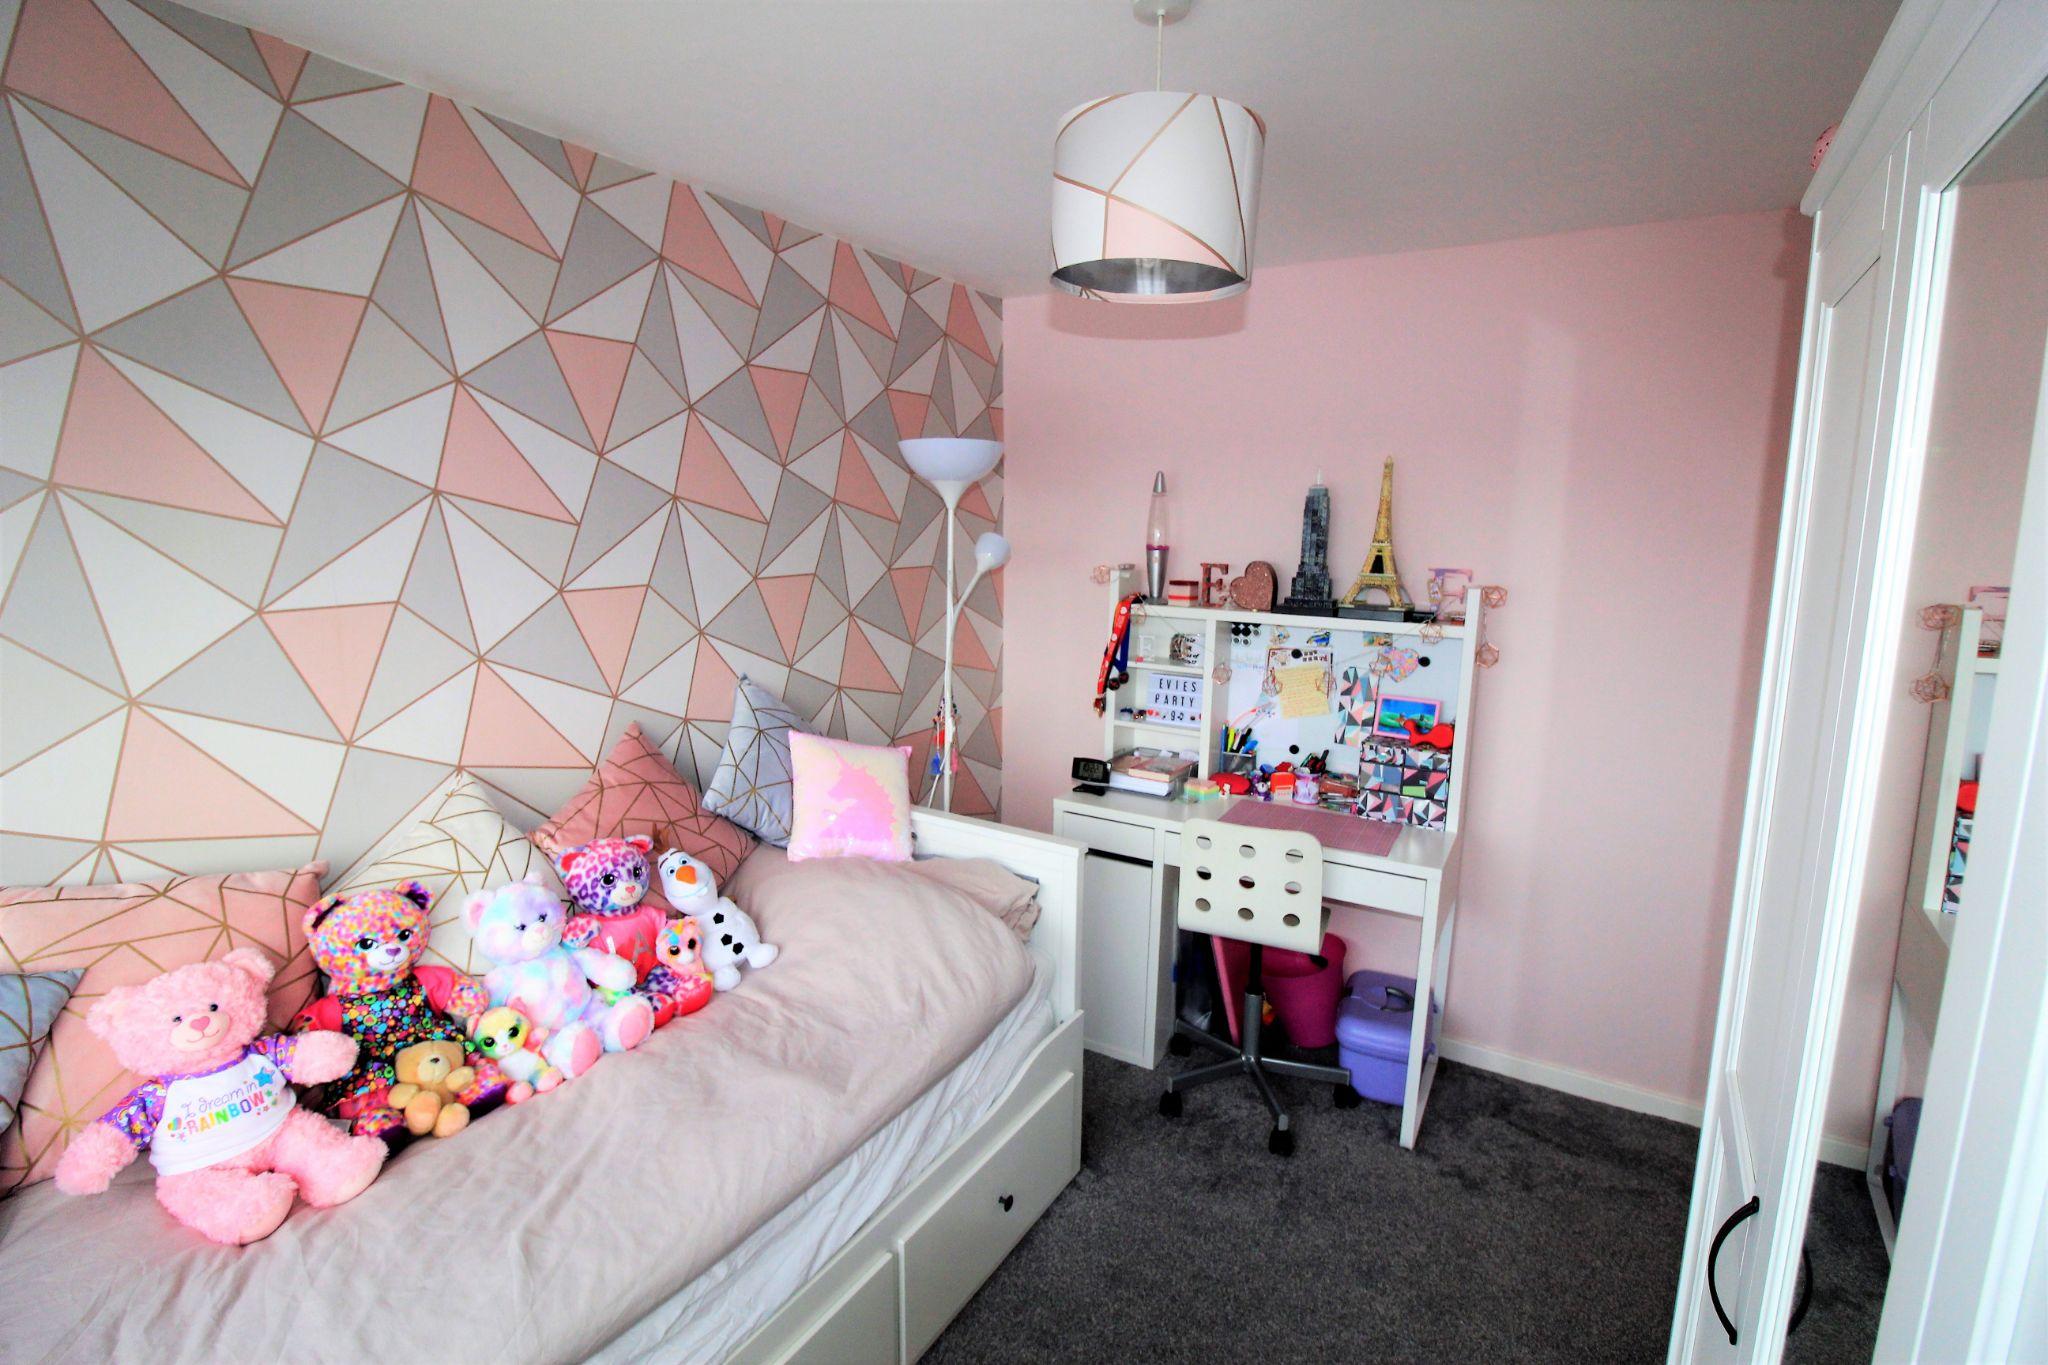 3 bedroom semi-detached house SSTC in Shipley - Bedroom 2